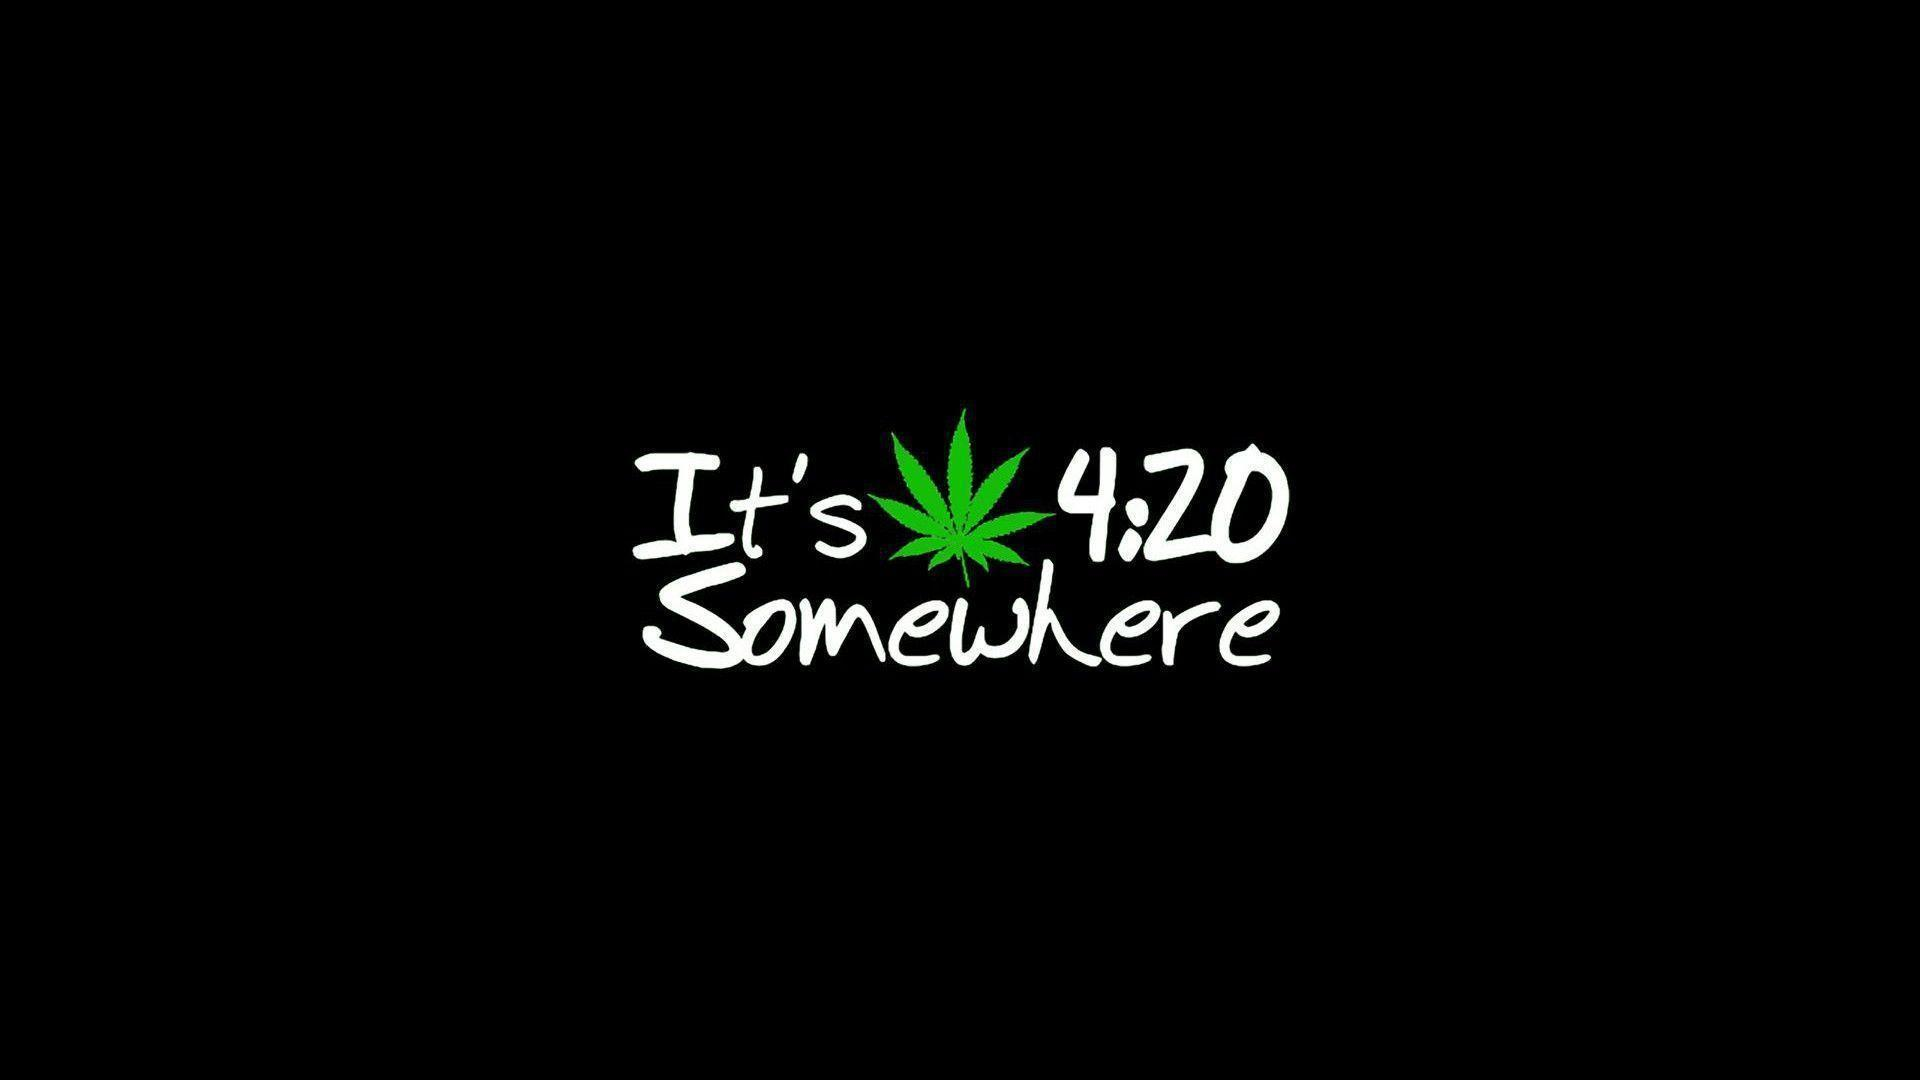 Weed Wallpaper Quotes Marijuana Wallpapers -...